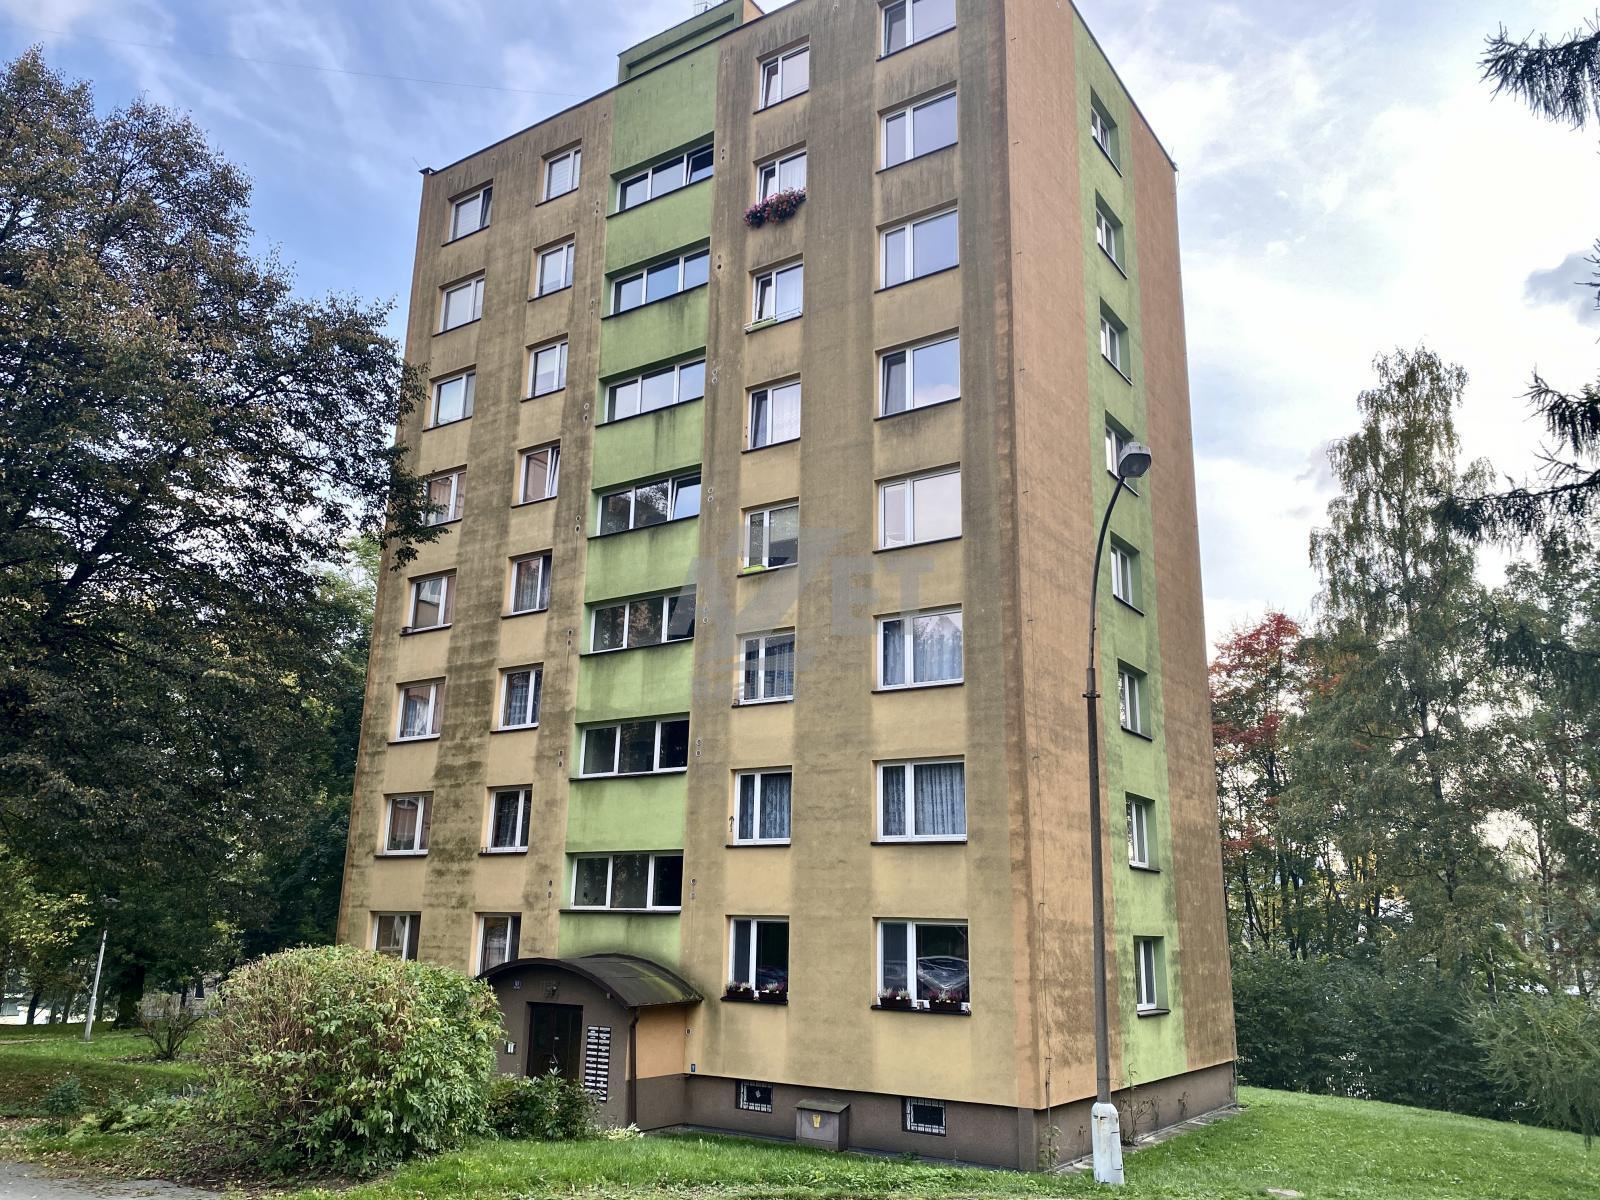 Prodej, byt 3+1, 55 m2, Orlová - Lutyně, ul. Kpt. Jaroše